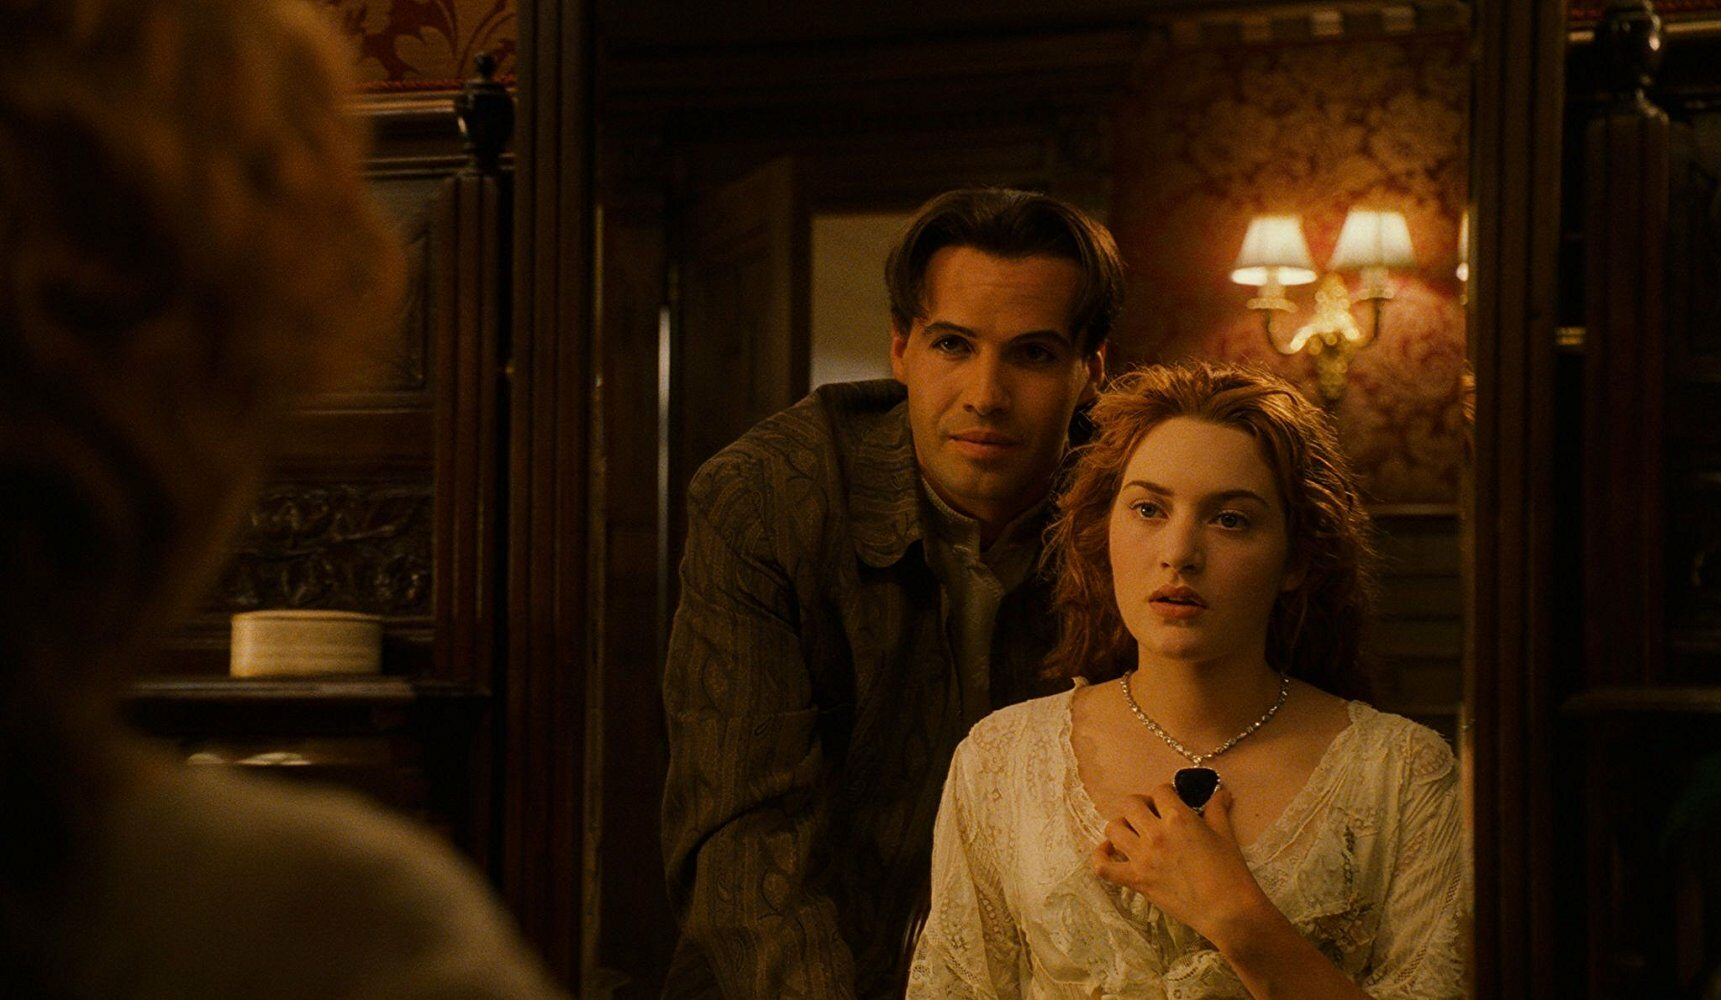 Kto wcielił się w rolę Caledona Hockleya, partnera Rose?